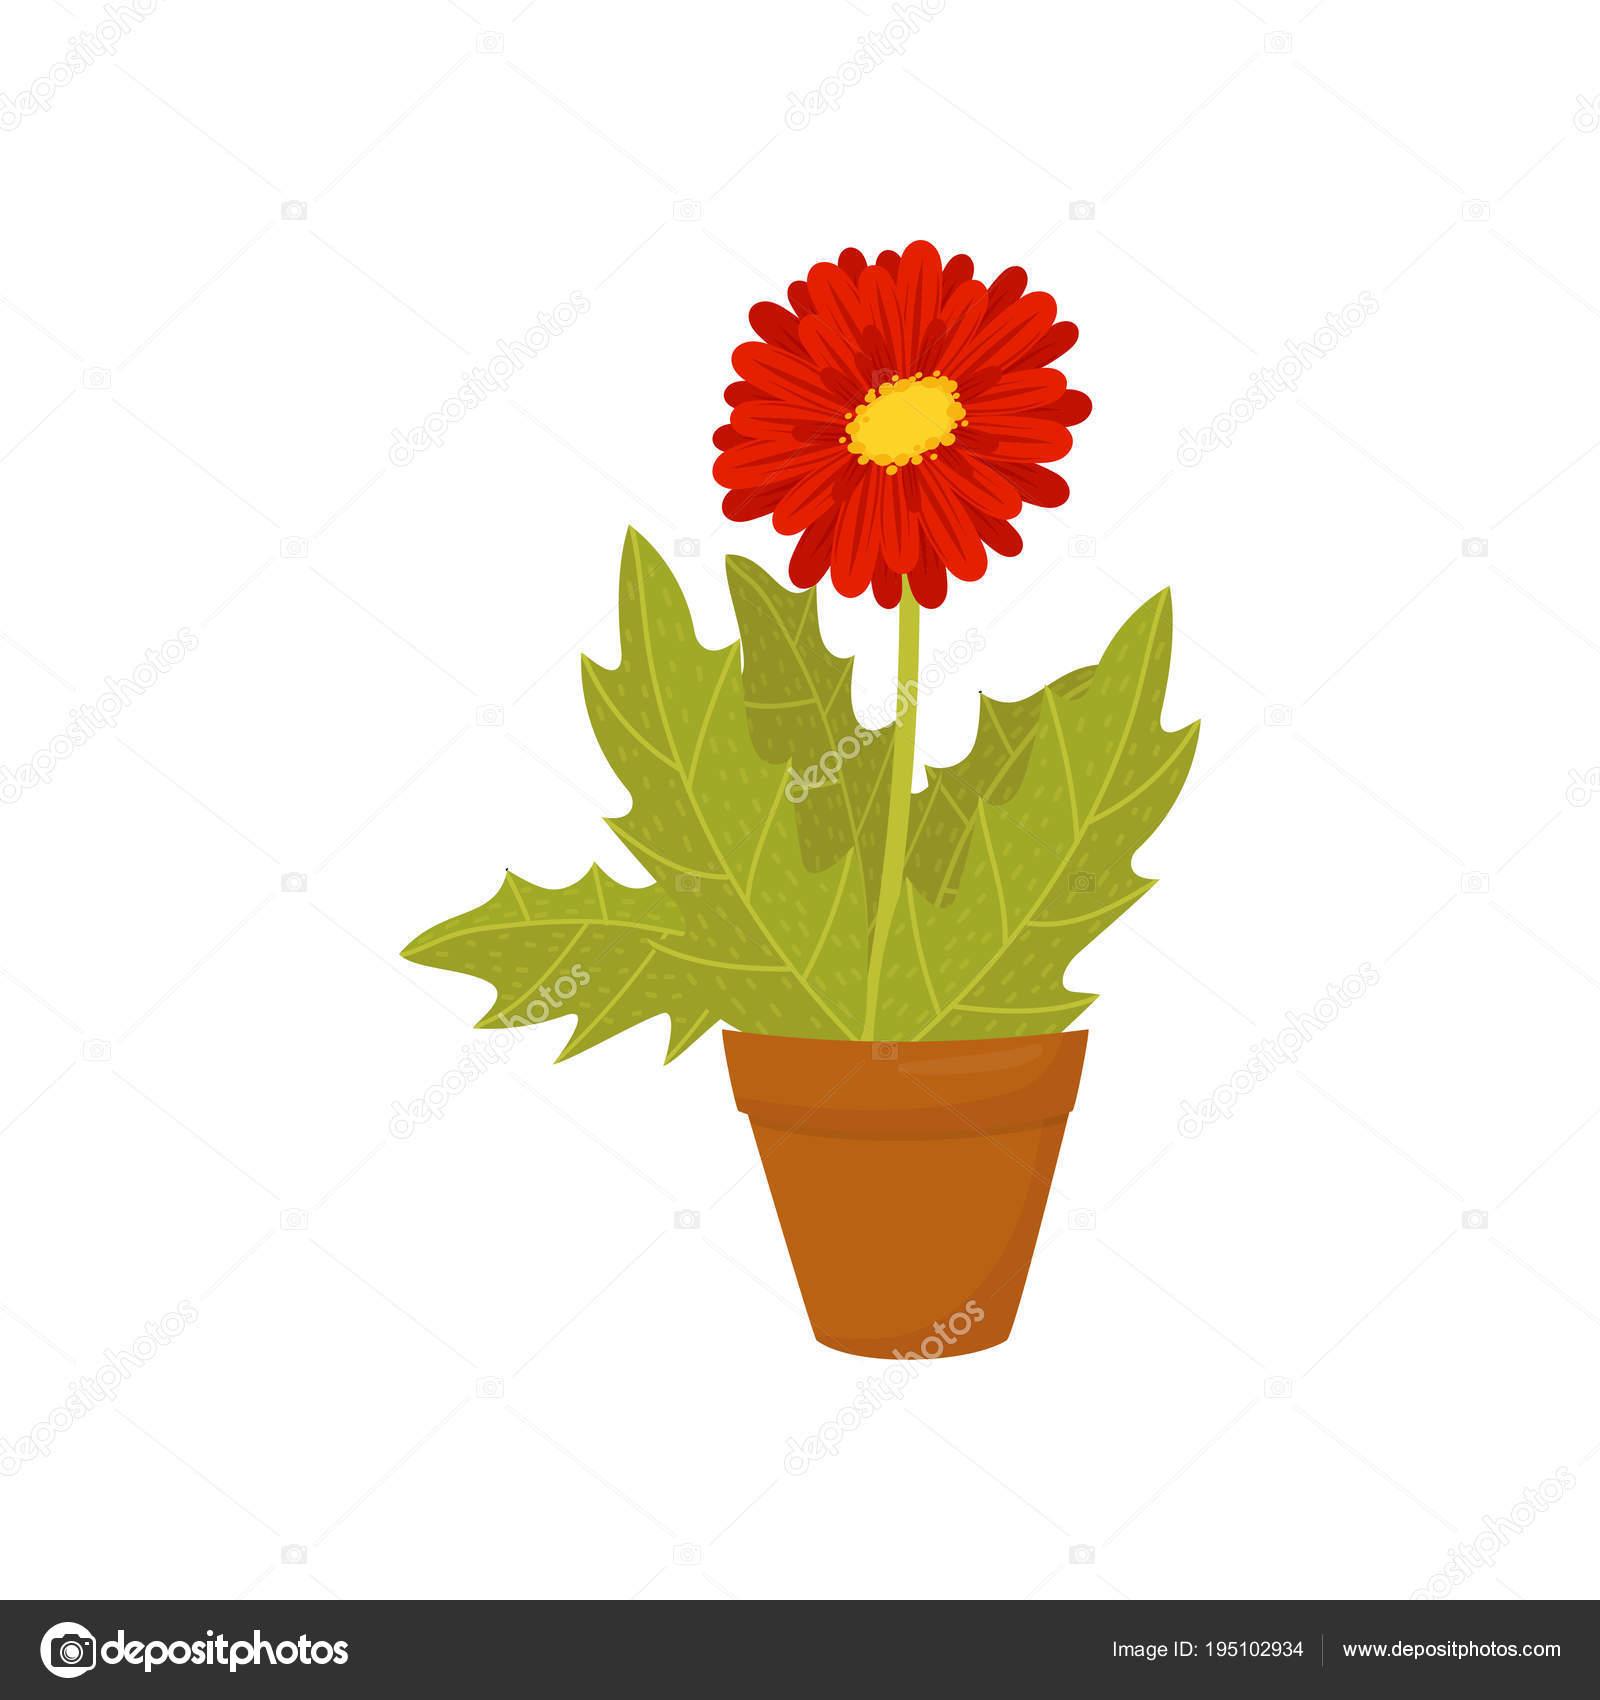 Gerbera Daisy Avec Fleur Fleur Rouge Et Feuilles Vertes Icone Plate